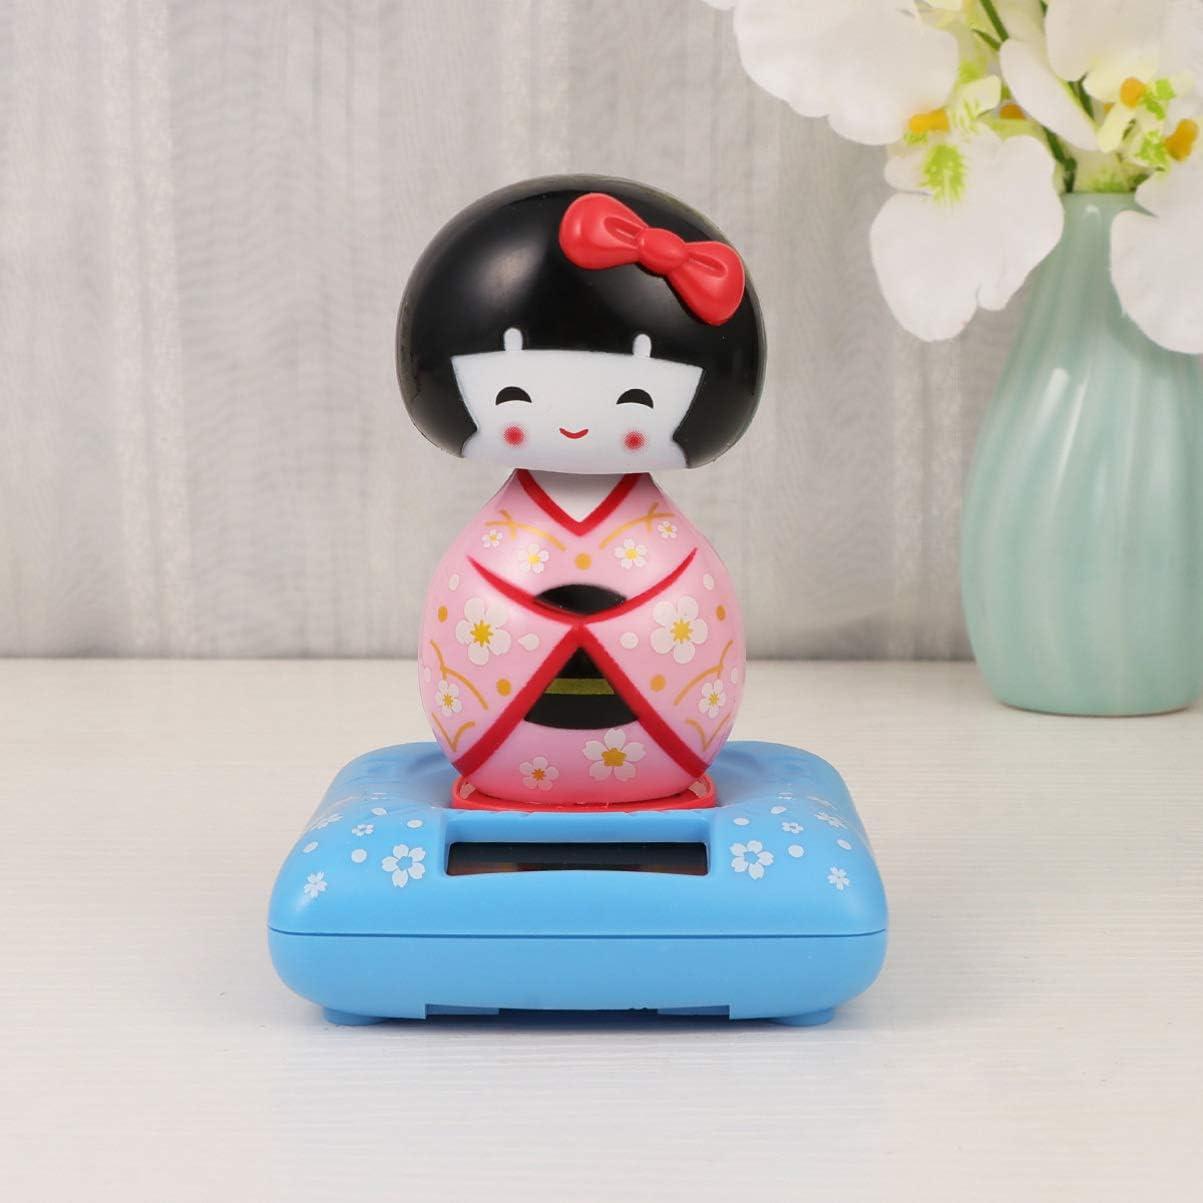 Amosfun solaire aliment/é bobble t/ête japonais kimono maiko voiture d/écoration ornement int/érieur dessin anim/é jouet no/ël cadeau voiture tableau de bord bureau bureau d/écor /à la maison violet